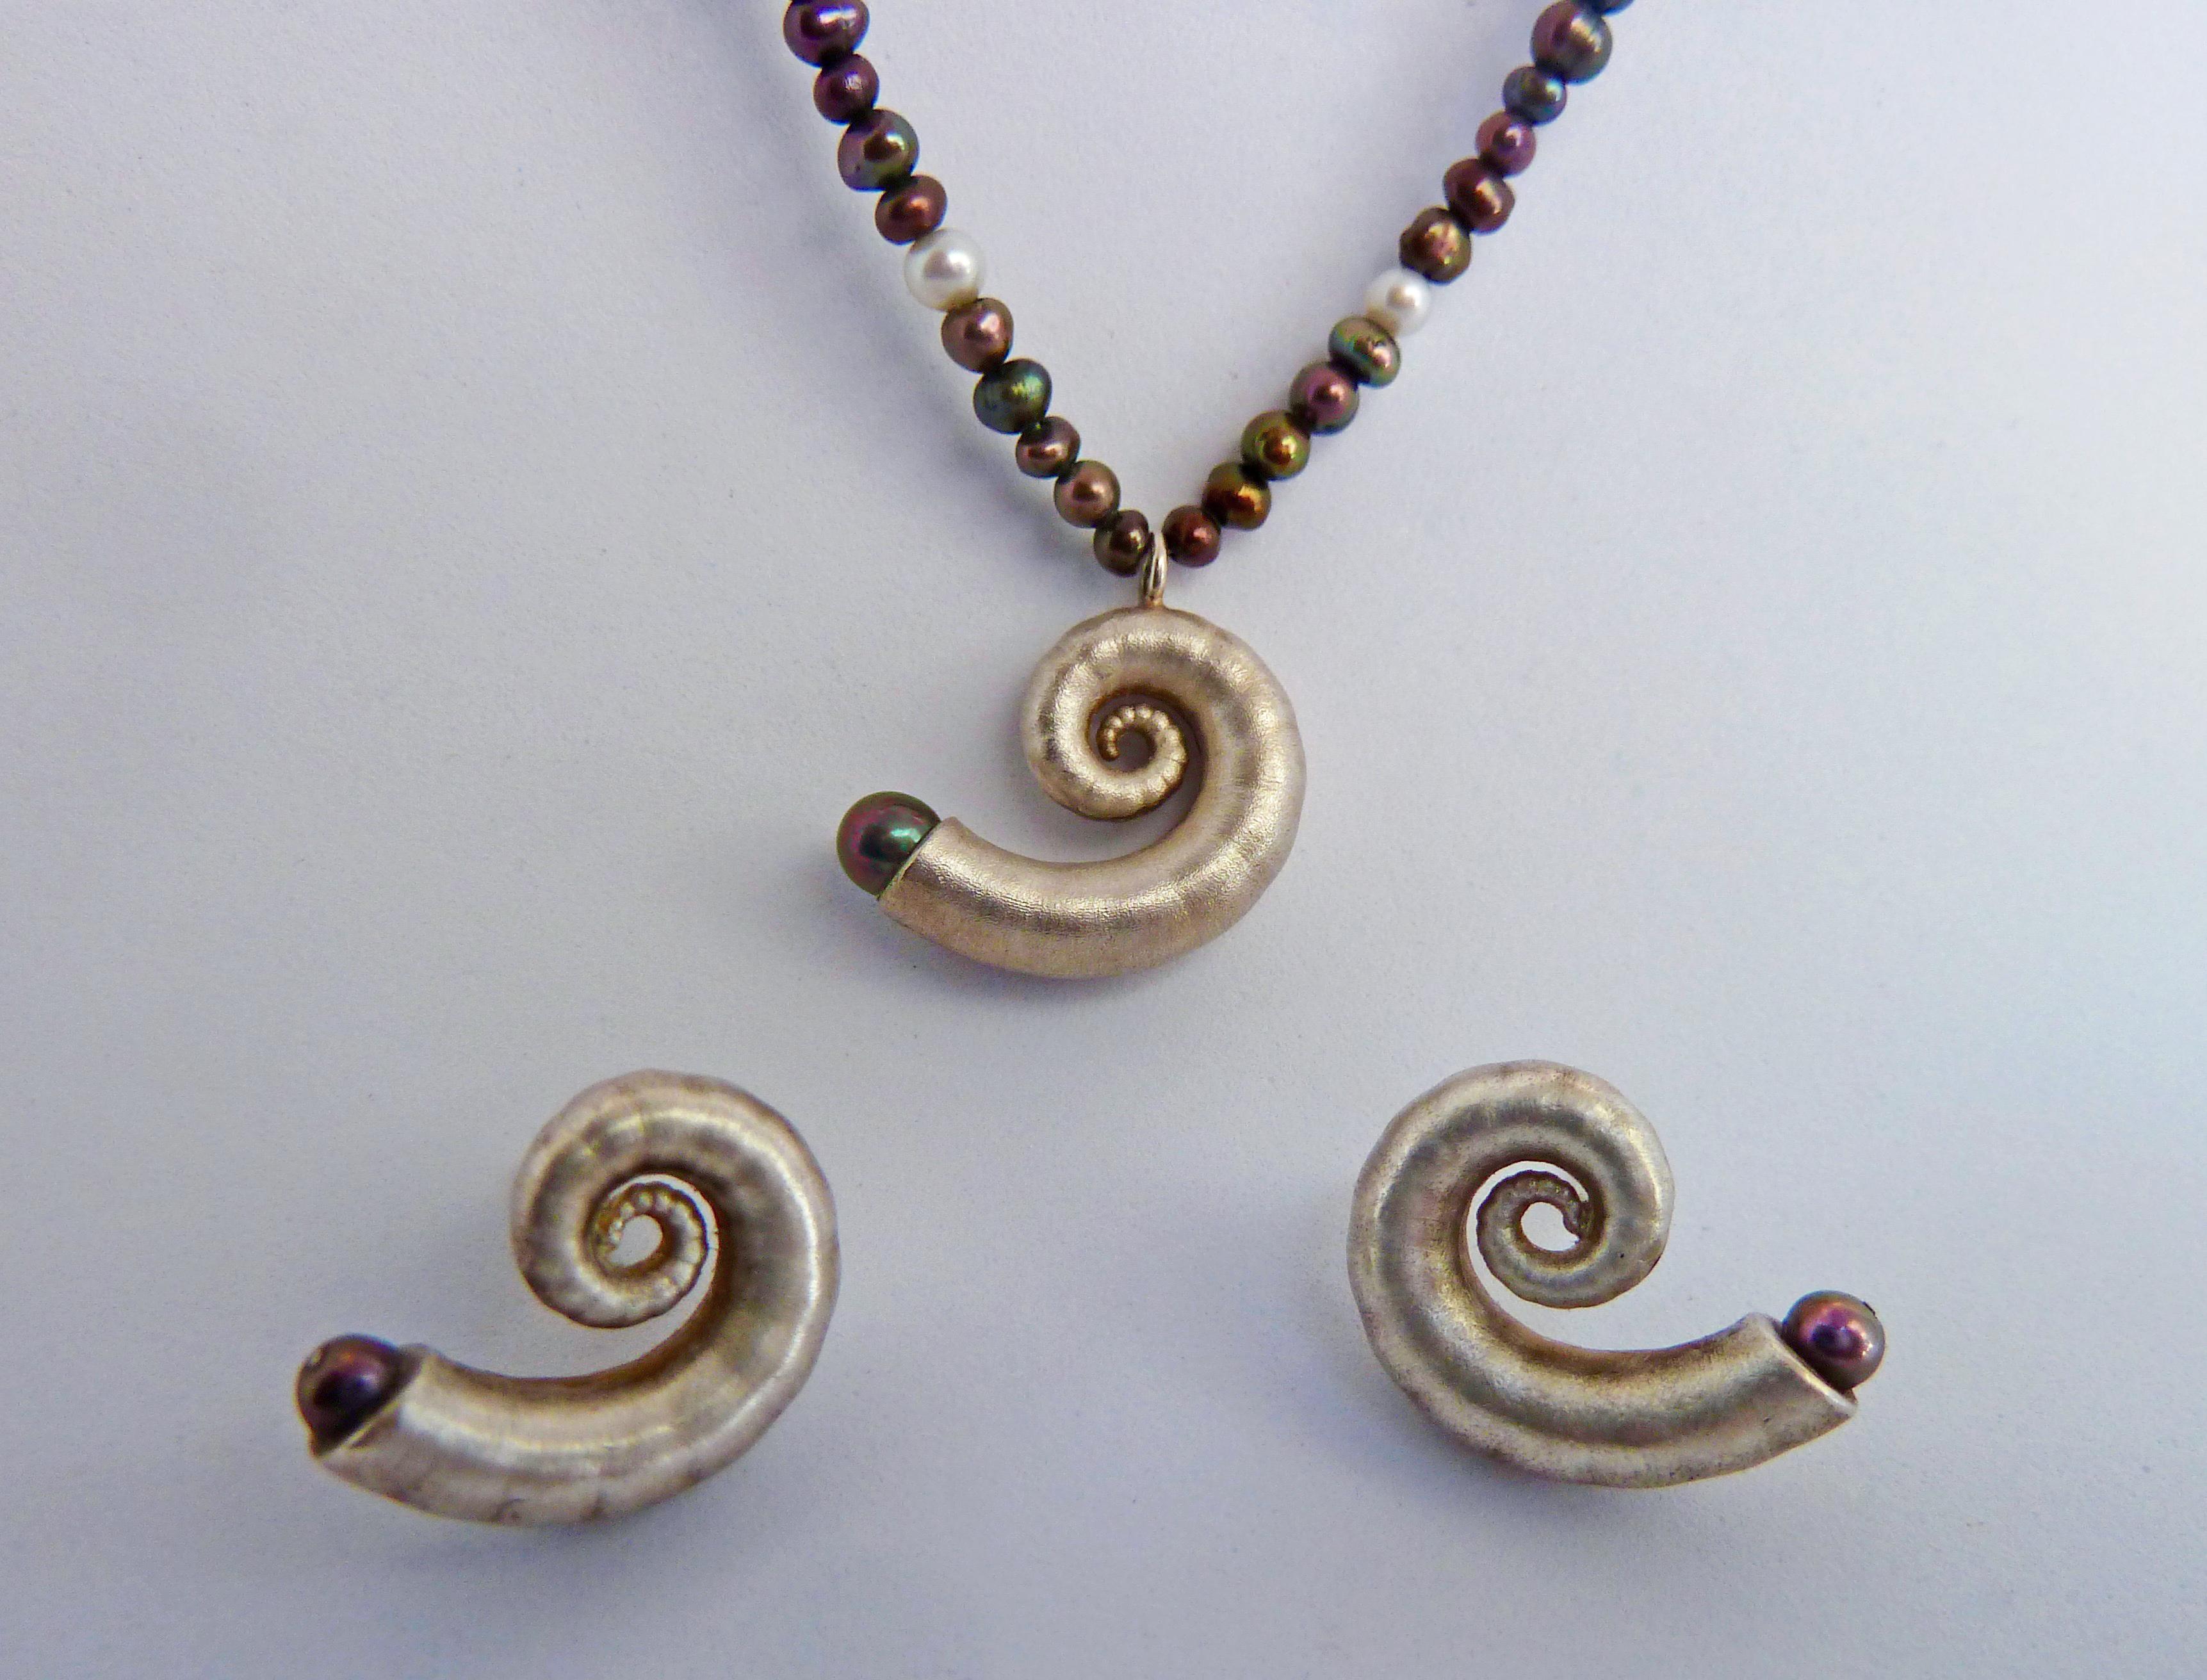 Schnecken mit Perlen